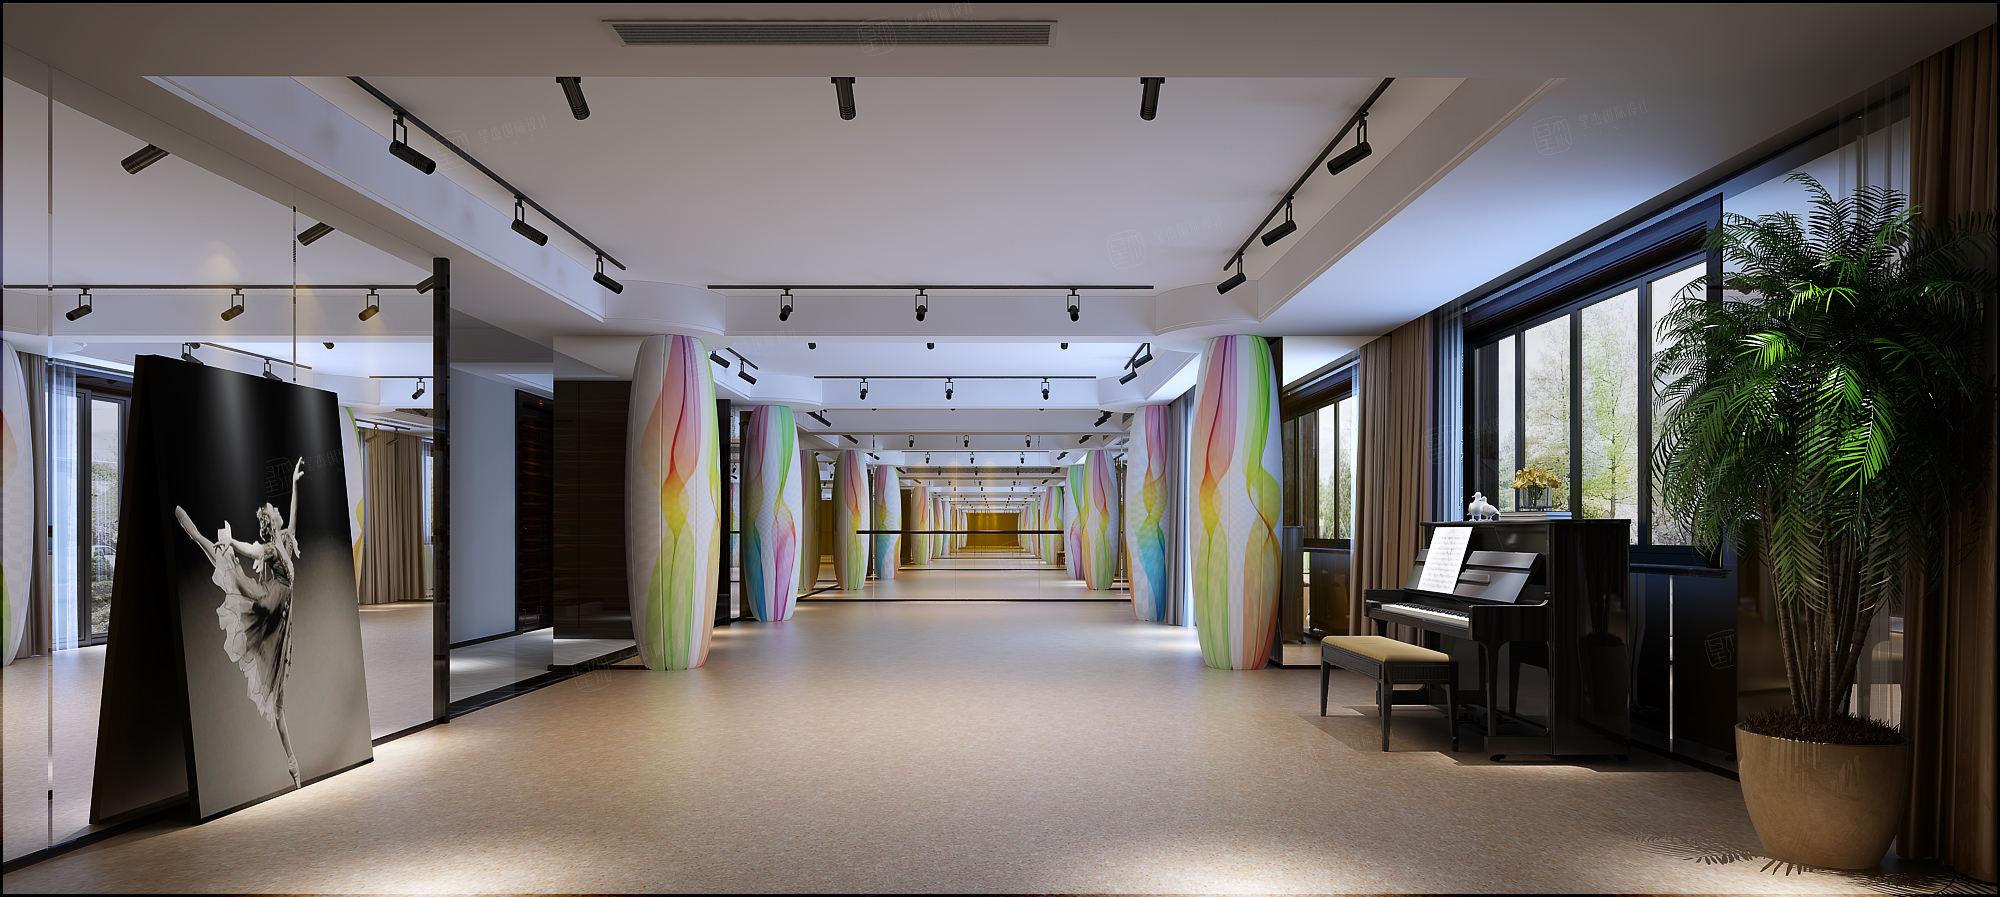 复地北桥城  现代轻奢装修地下室效果图